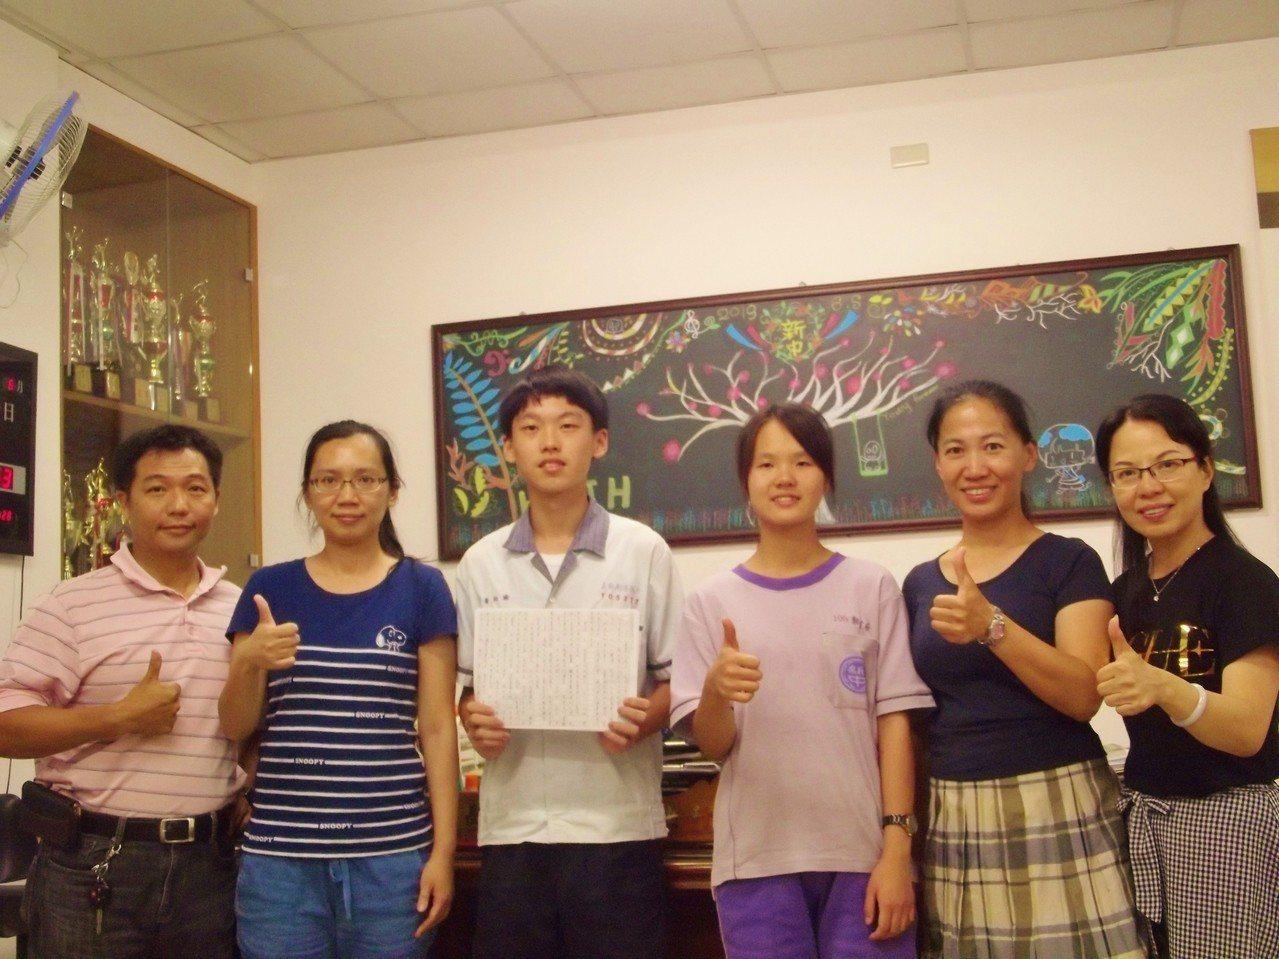 新港國中學生黃柏諭(左三)、郭芷安(左四)會考都是5A++,而且作文6級分,校長...